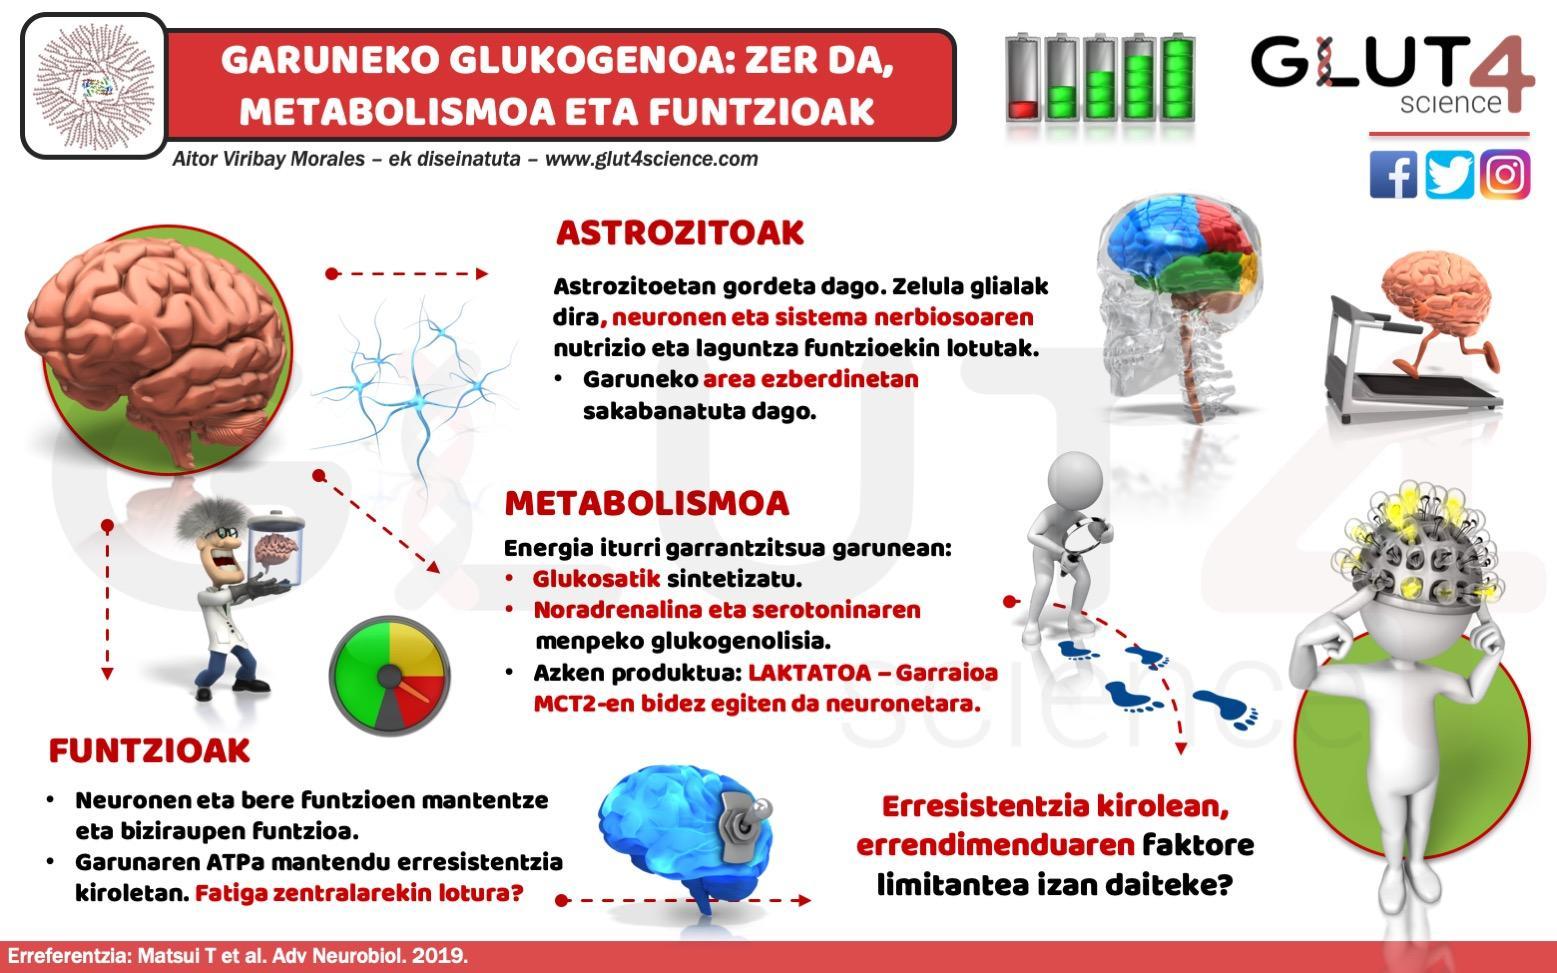 Glukogenoa Garunean eta funtzioak